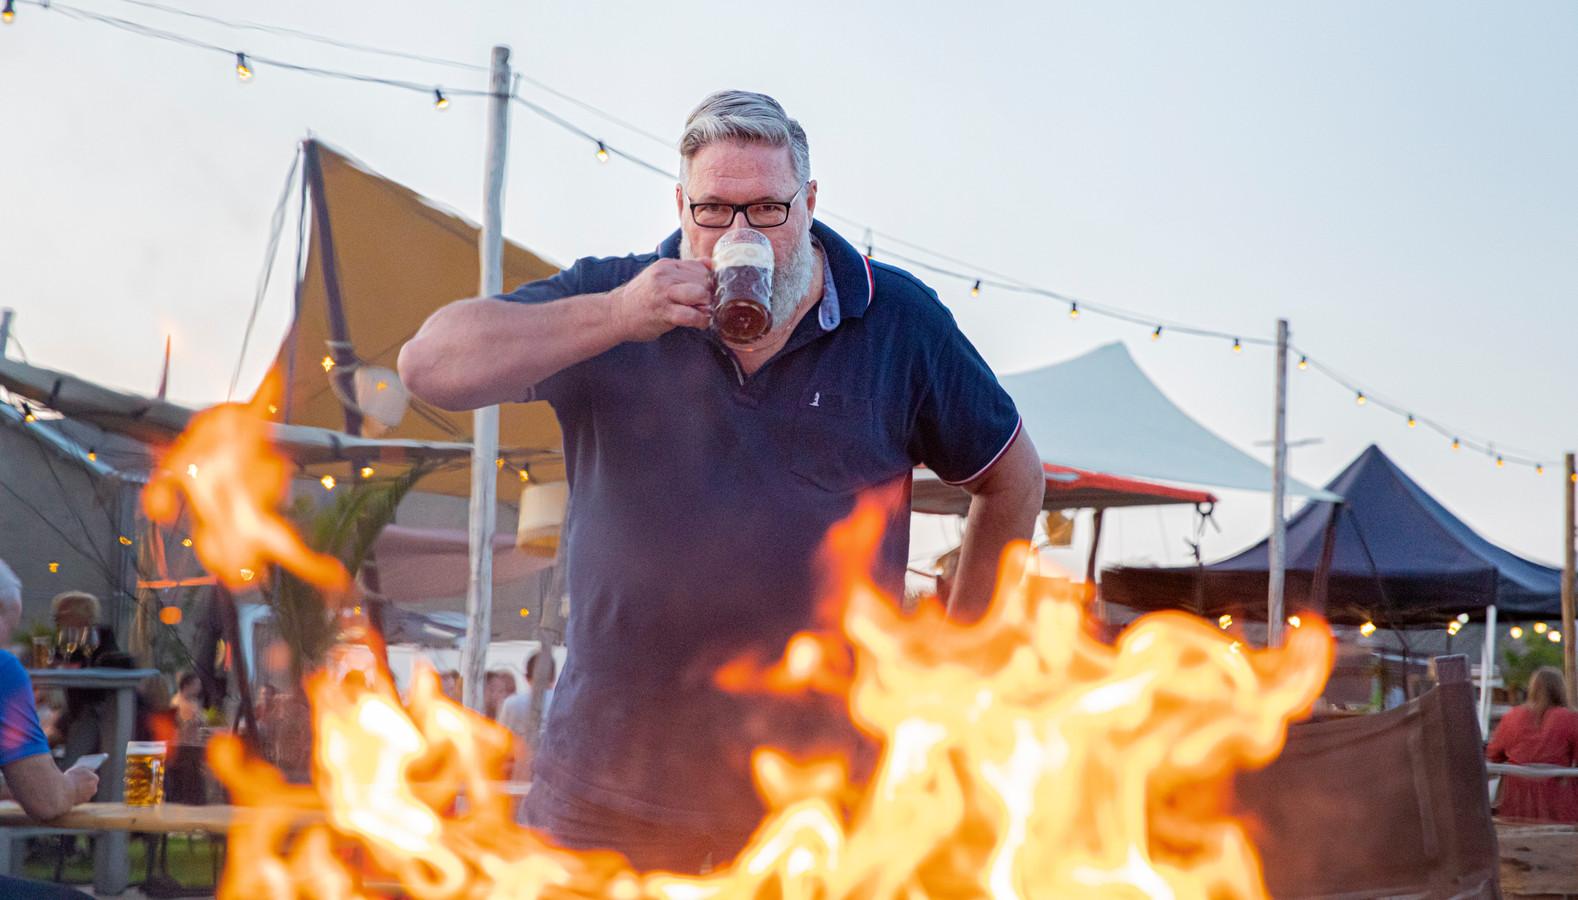 Roger de Frankrijker geniet van Veluwse Schavuyt Herfstbock tijdens Beer & Food Lovers op het terras van Soap in Apeldoorn.